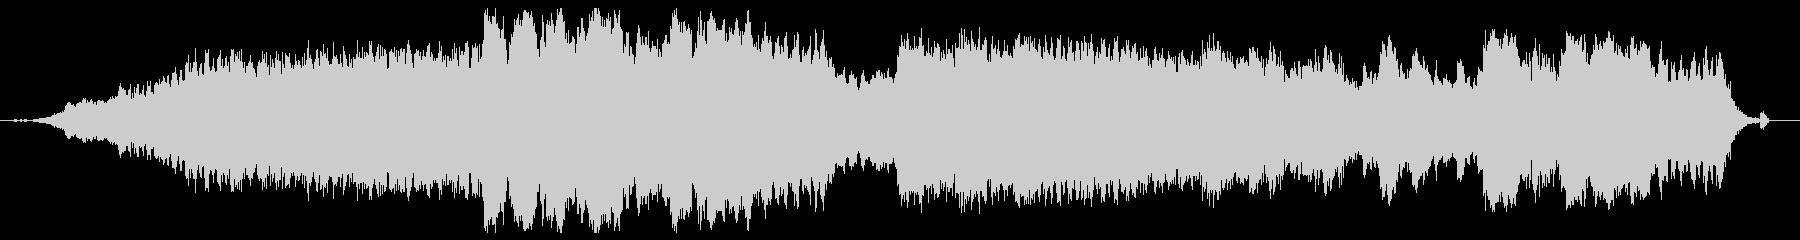 無調で統合性のない音響空間作品の未再生の波形